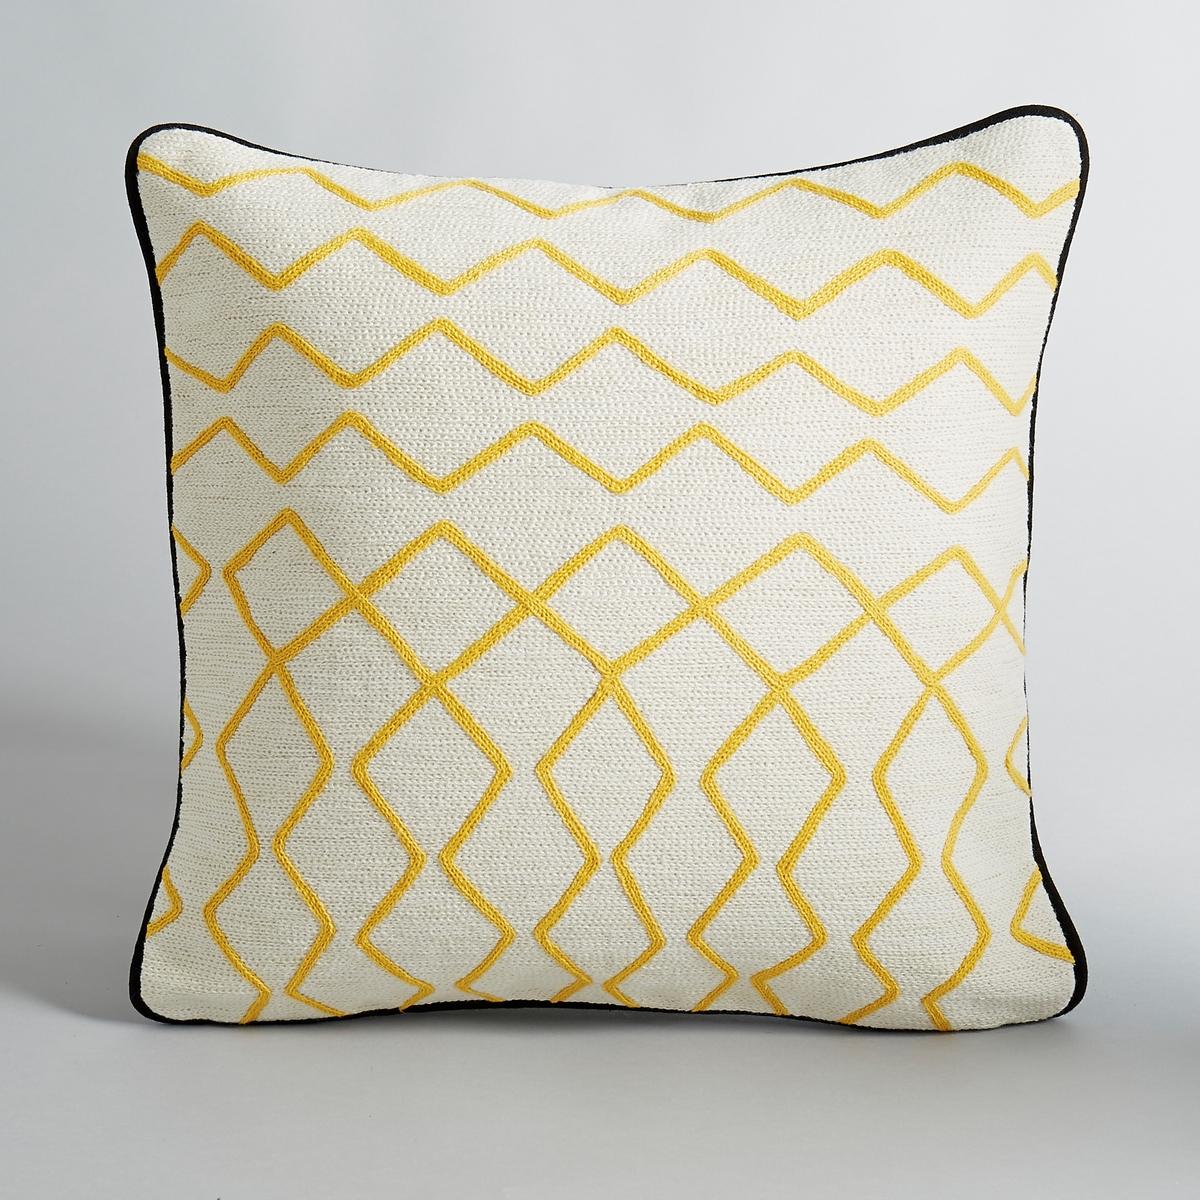 Чехол на подушку AlazieКрасивый графичный рисунок. 100 % хлопка. Вышивка по всей верхней поверхности.Отделка контрастным кантом.Скрытая застежка на молнию. Размеры:. 40 x 40 см.<br><br>Цвет: белый/ желтый/ черный,черный/белый/желтый<br>Размер: 40 x 40  см.40 x 40  см